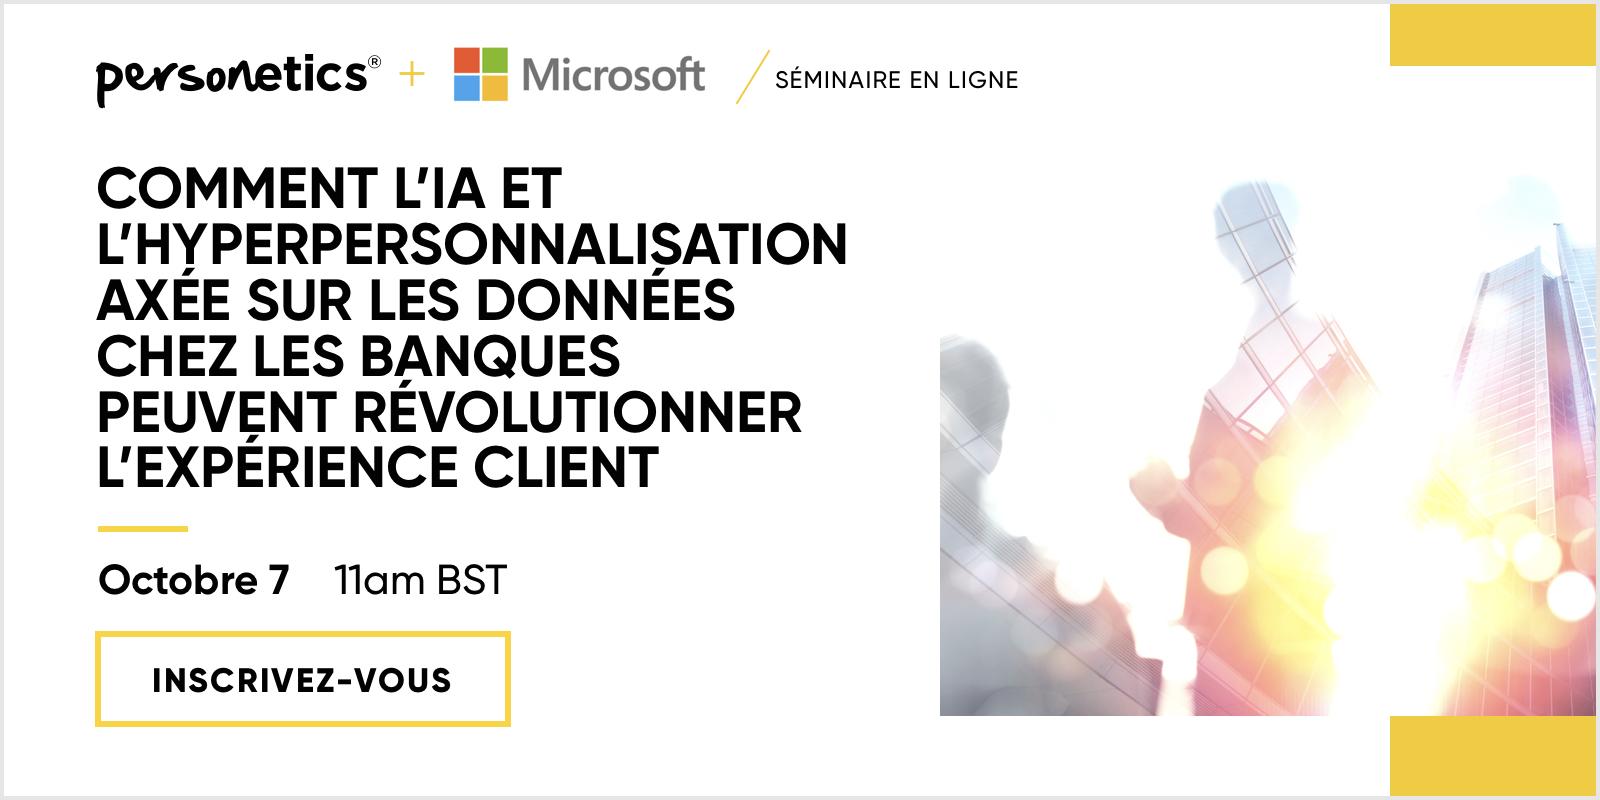 [Live Webinar] Octobre 7 – Comment l'IA et l'hyperpersonnalisation axée sur les données chez les banques peuvent révolutionner l'expérience client